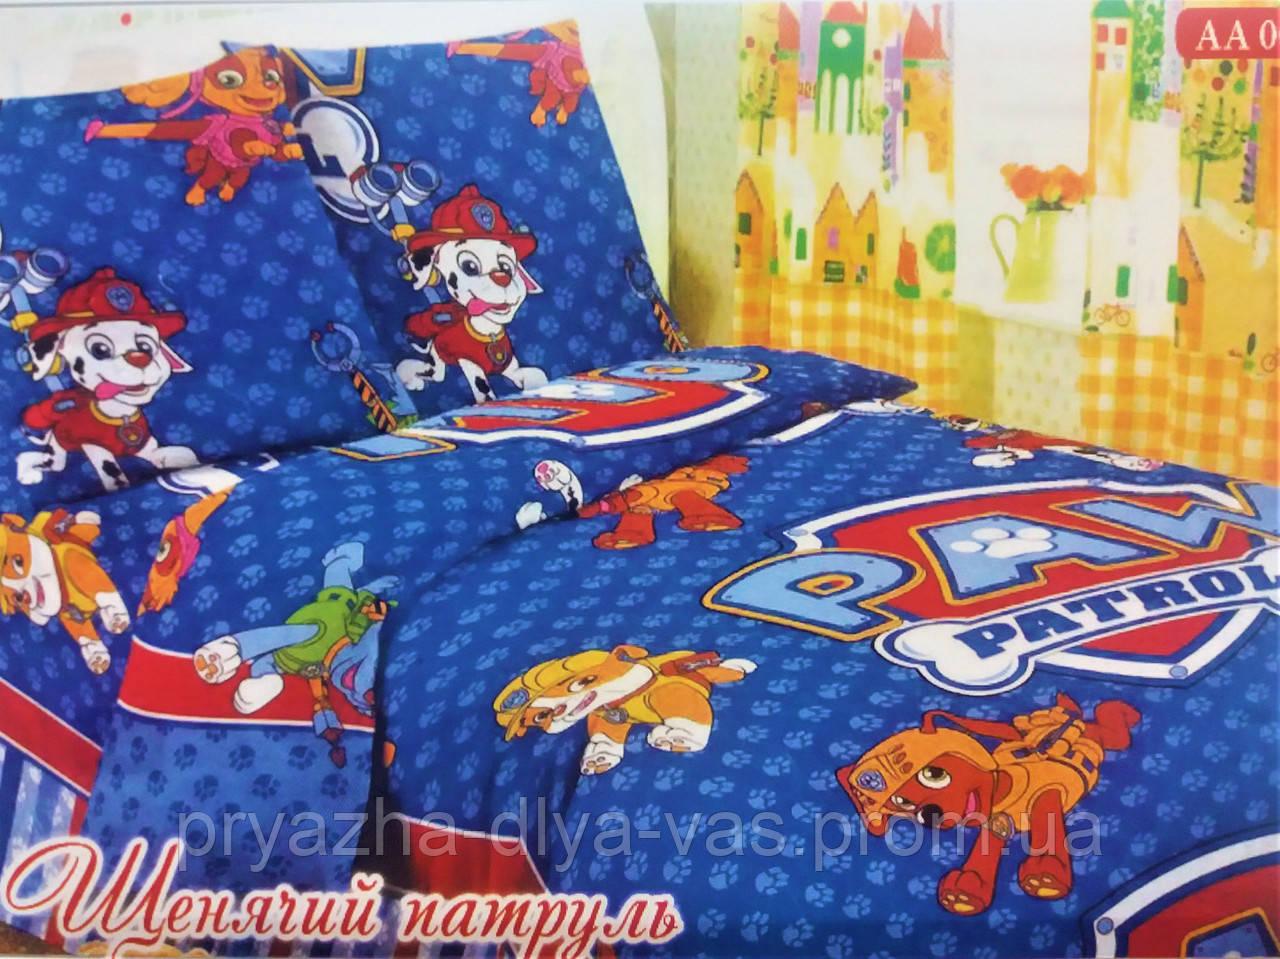 Комплект постельного белья Тиротекс Бязь Щенячий патруль2 Полуторный 144х215